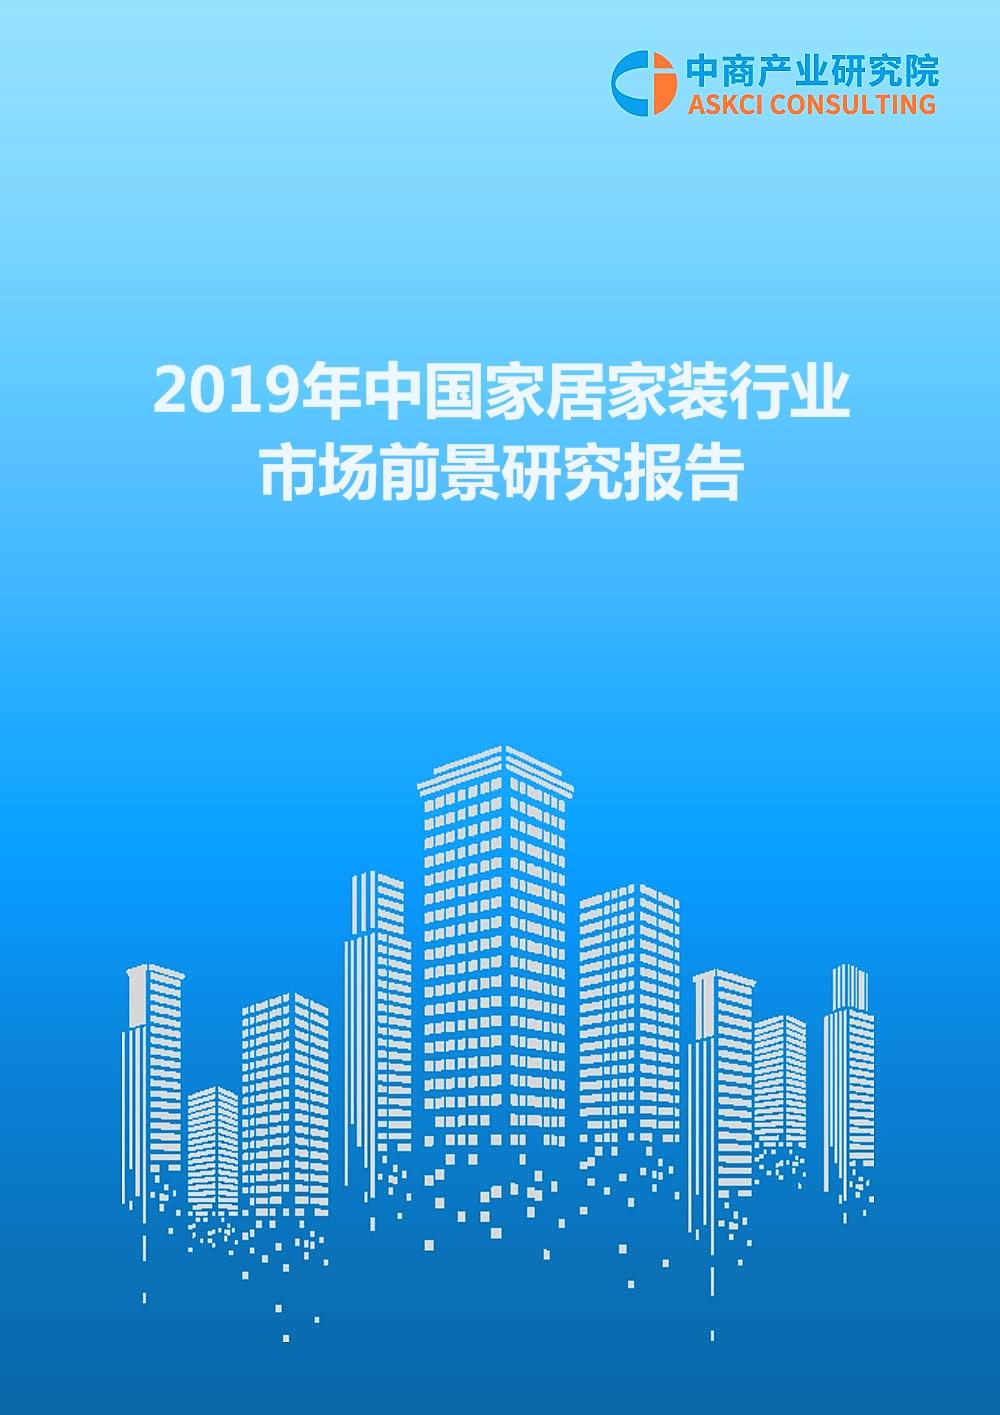 2019年中国家居家装行业市场前景研究报告